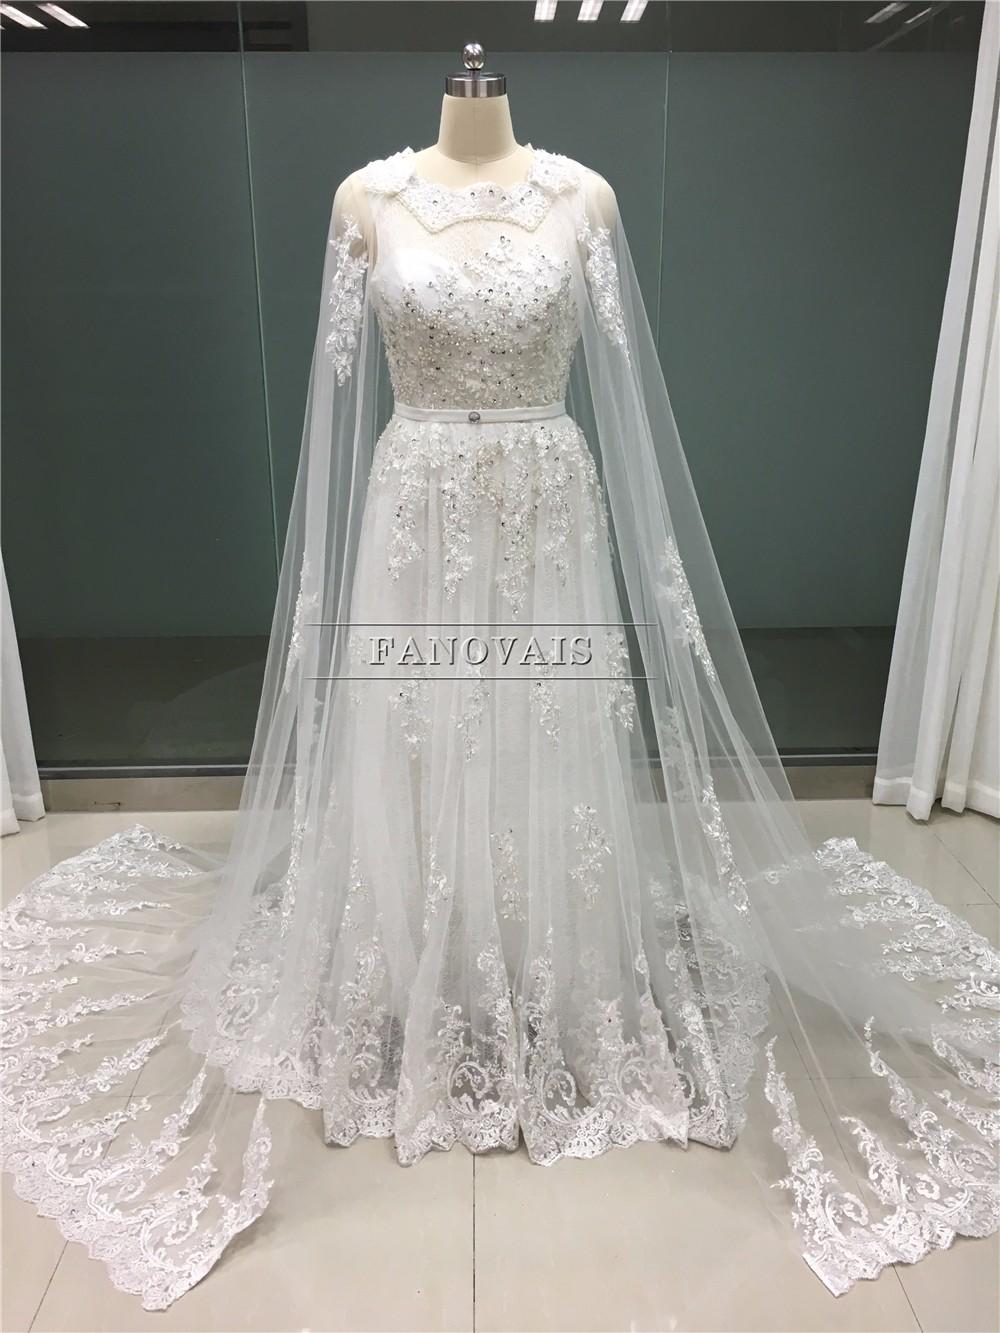 d09650464a0 Vintage robes de soirée Longue 2019 Chérie Tulle Applique Fleur Perles Prom  Party Robe Long train Robe de Fiesta RE5USD 279.00 piece ...